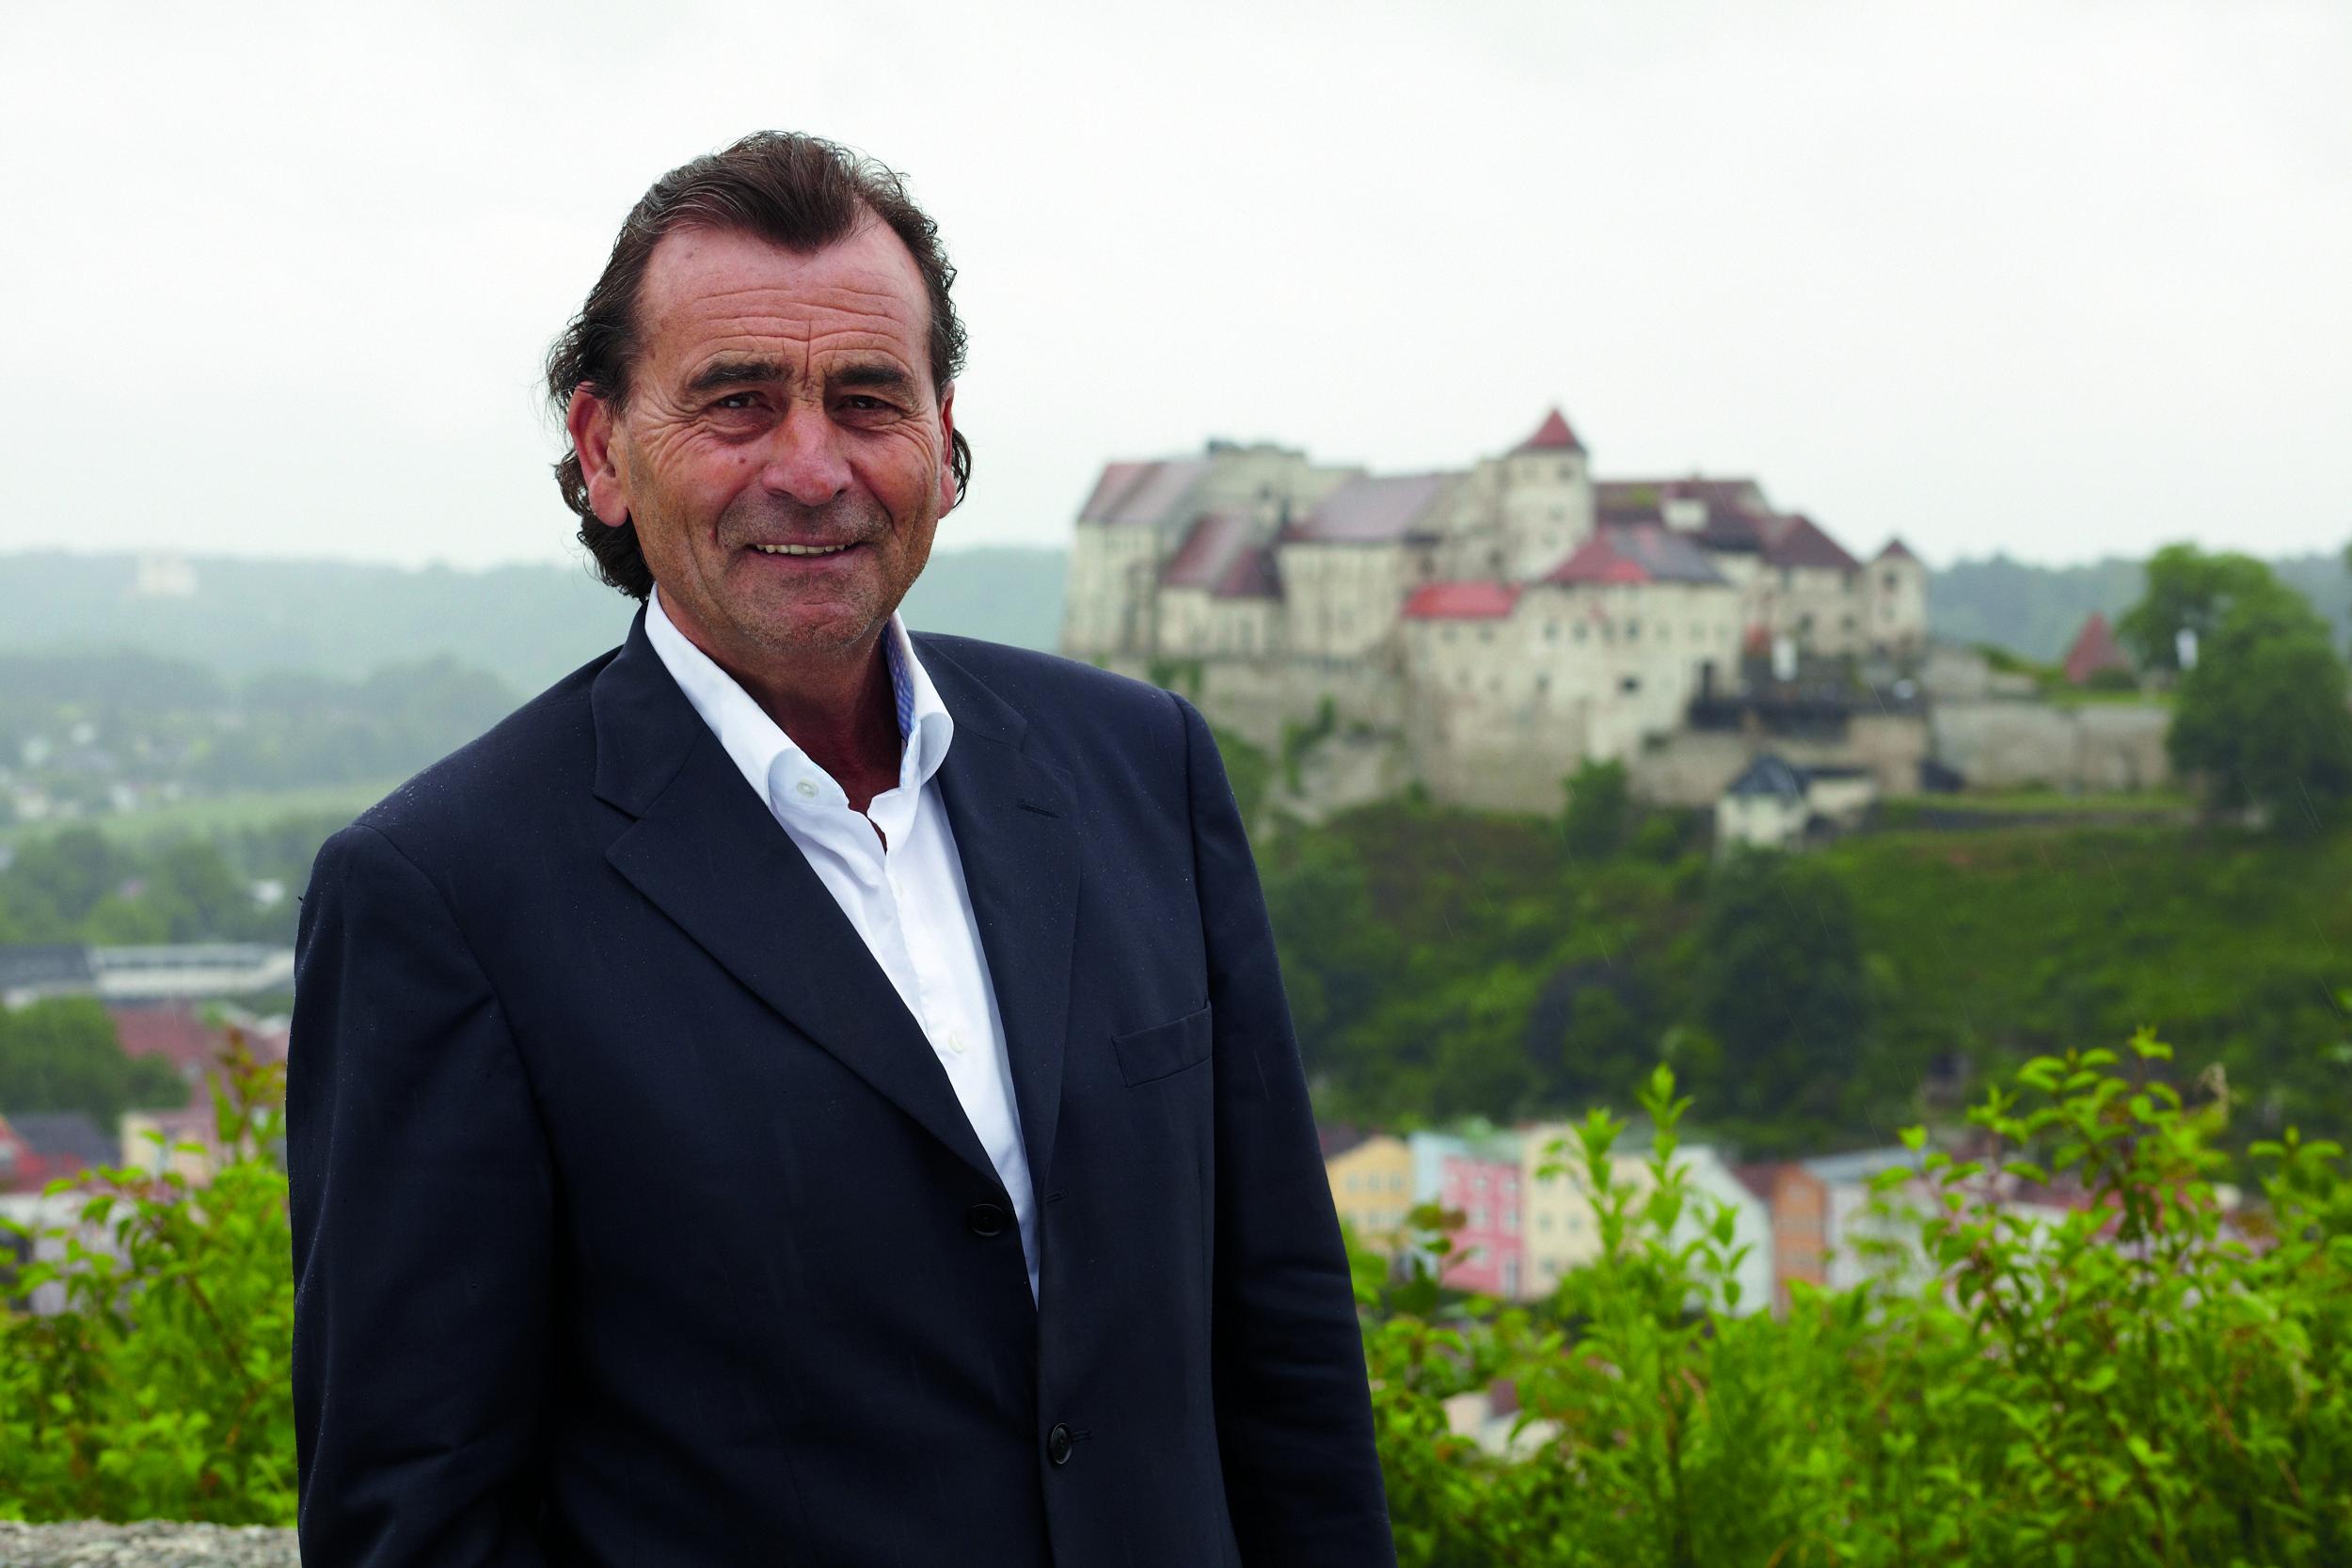 Hans Steindl, Erster Bürgermeister der Stadt Burghausen spricht in KOMMUNAL über Kultur